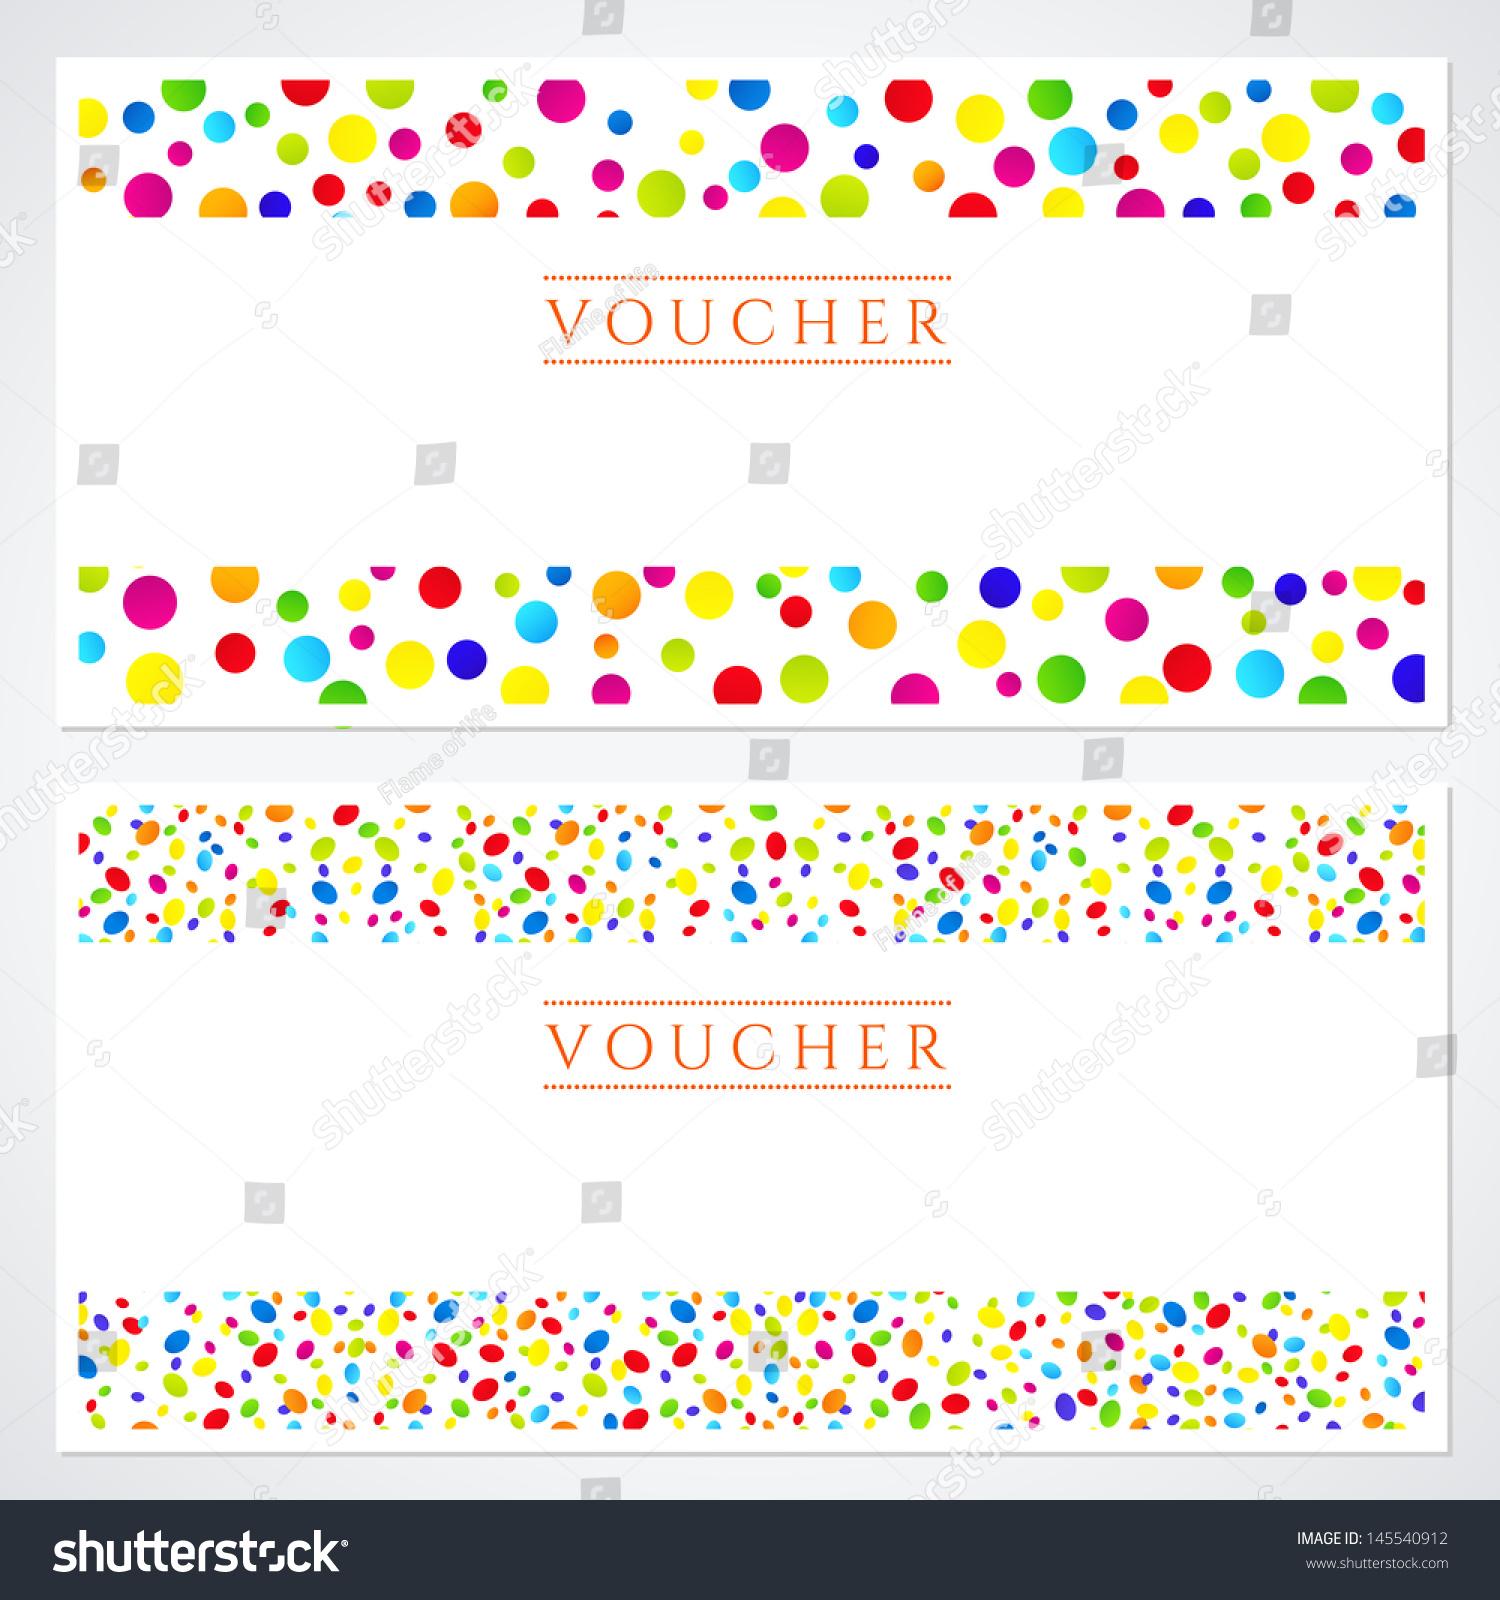 Doc Voucher Samples Printable Gift Voucher Doc685351 Voucher Samples  Expense Voucher Template Payment Voucher Samples Gift